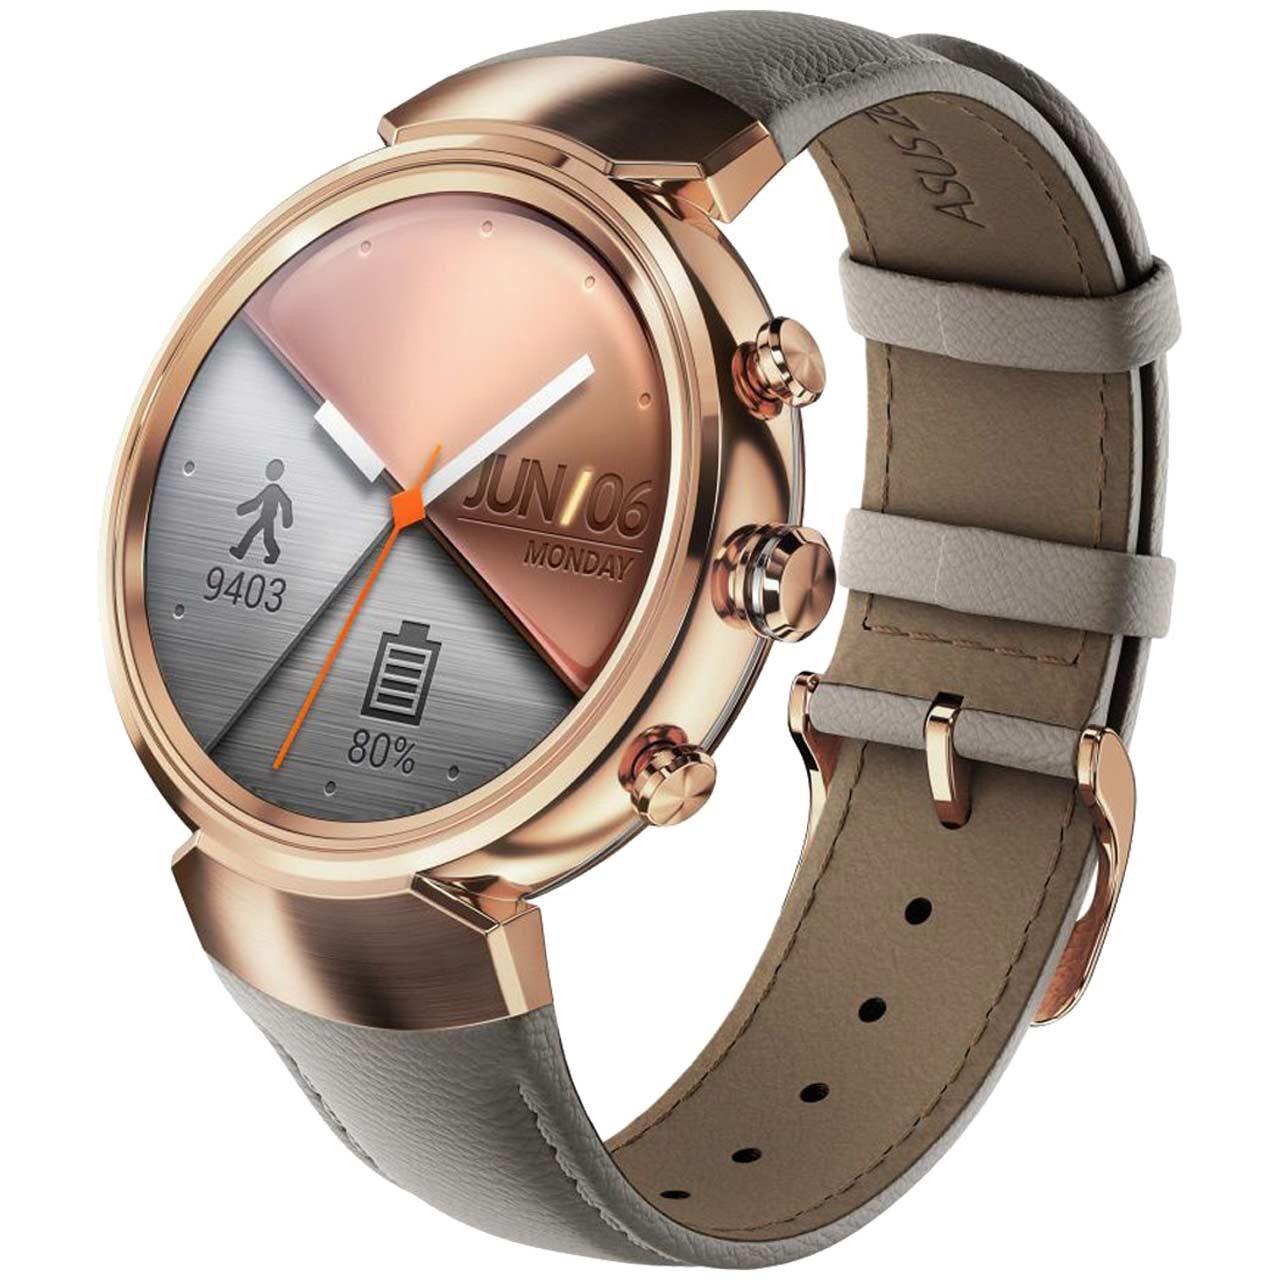 ساعت هوشمند ایسوس زن واچ 3 مدل WI503Q Rose Gold With Beige Leather Band